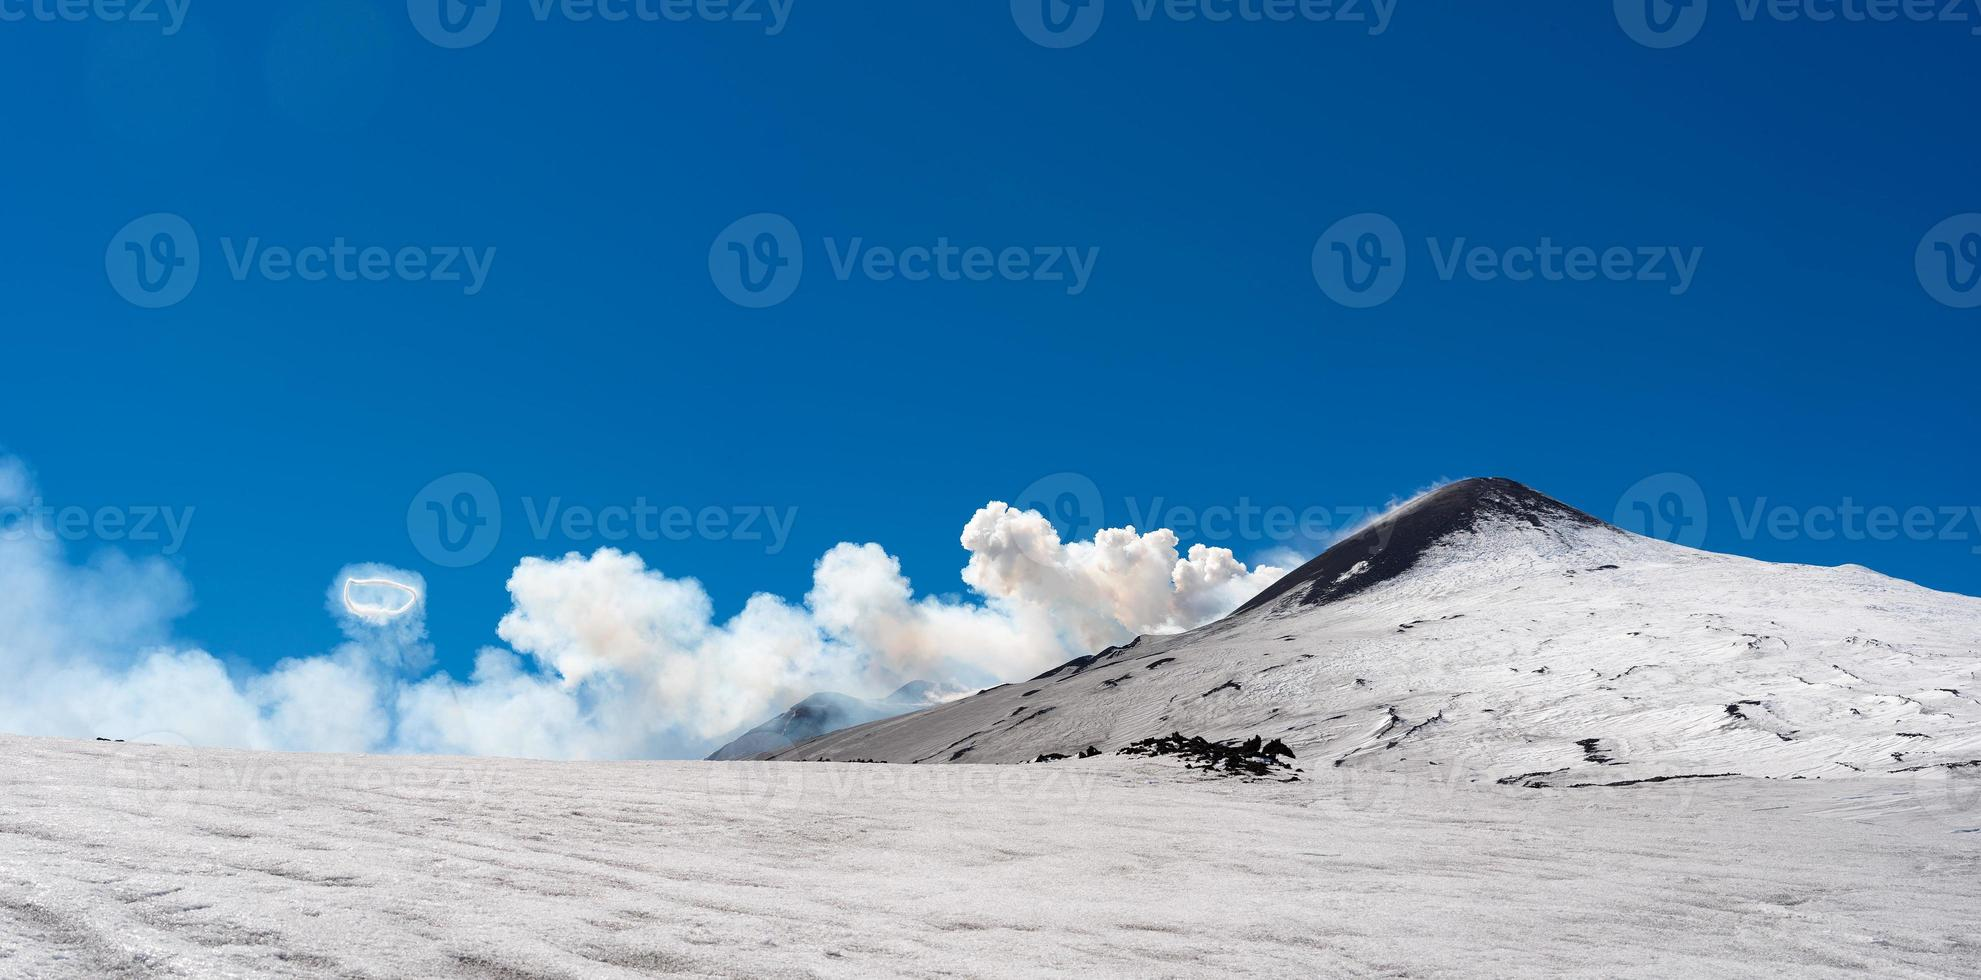 cratere sommitale del vulcano Etna con fumo ad anello spettacolare fenomeno di areola di vapore durante l'eruzione foto